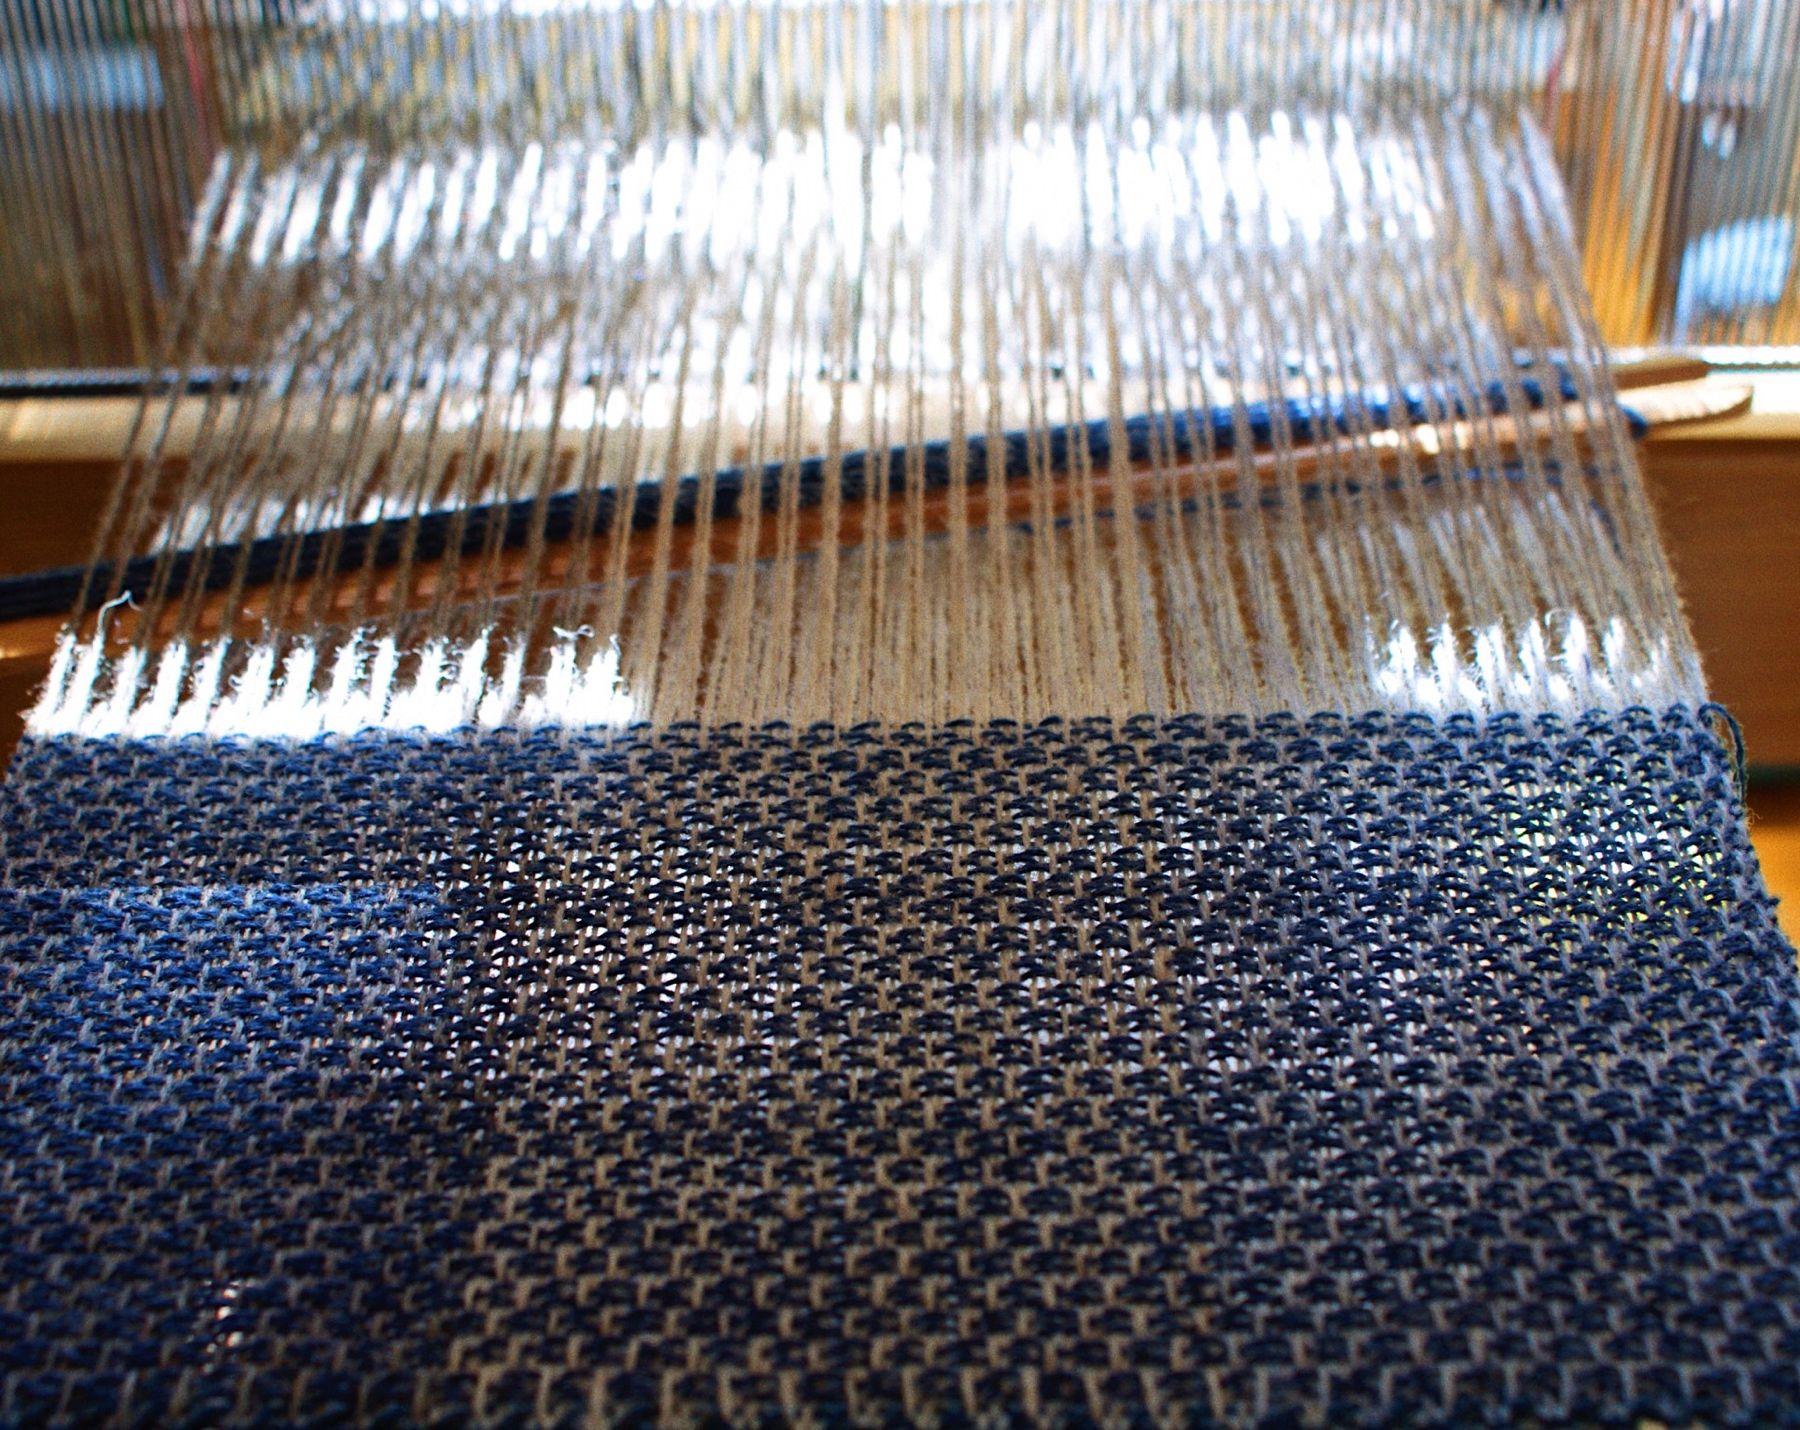 Blue weaving 🐋 #orkney #visitorkney #loomweaving #weaversofinstagram #loom #weaving #design #striped #stripes #wool #shetlandwool #handmade #workshop #learning #course